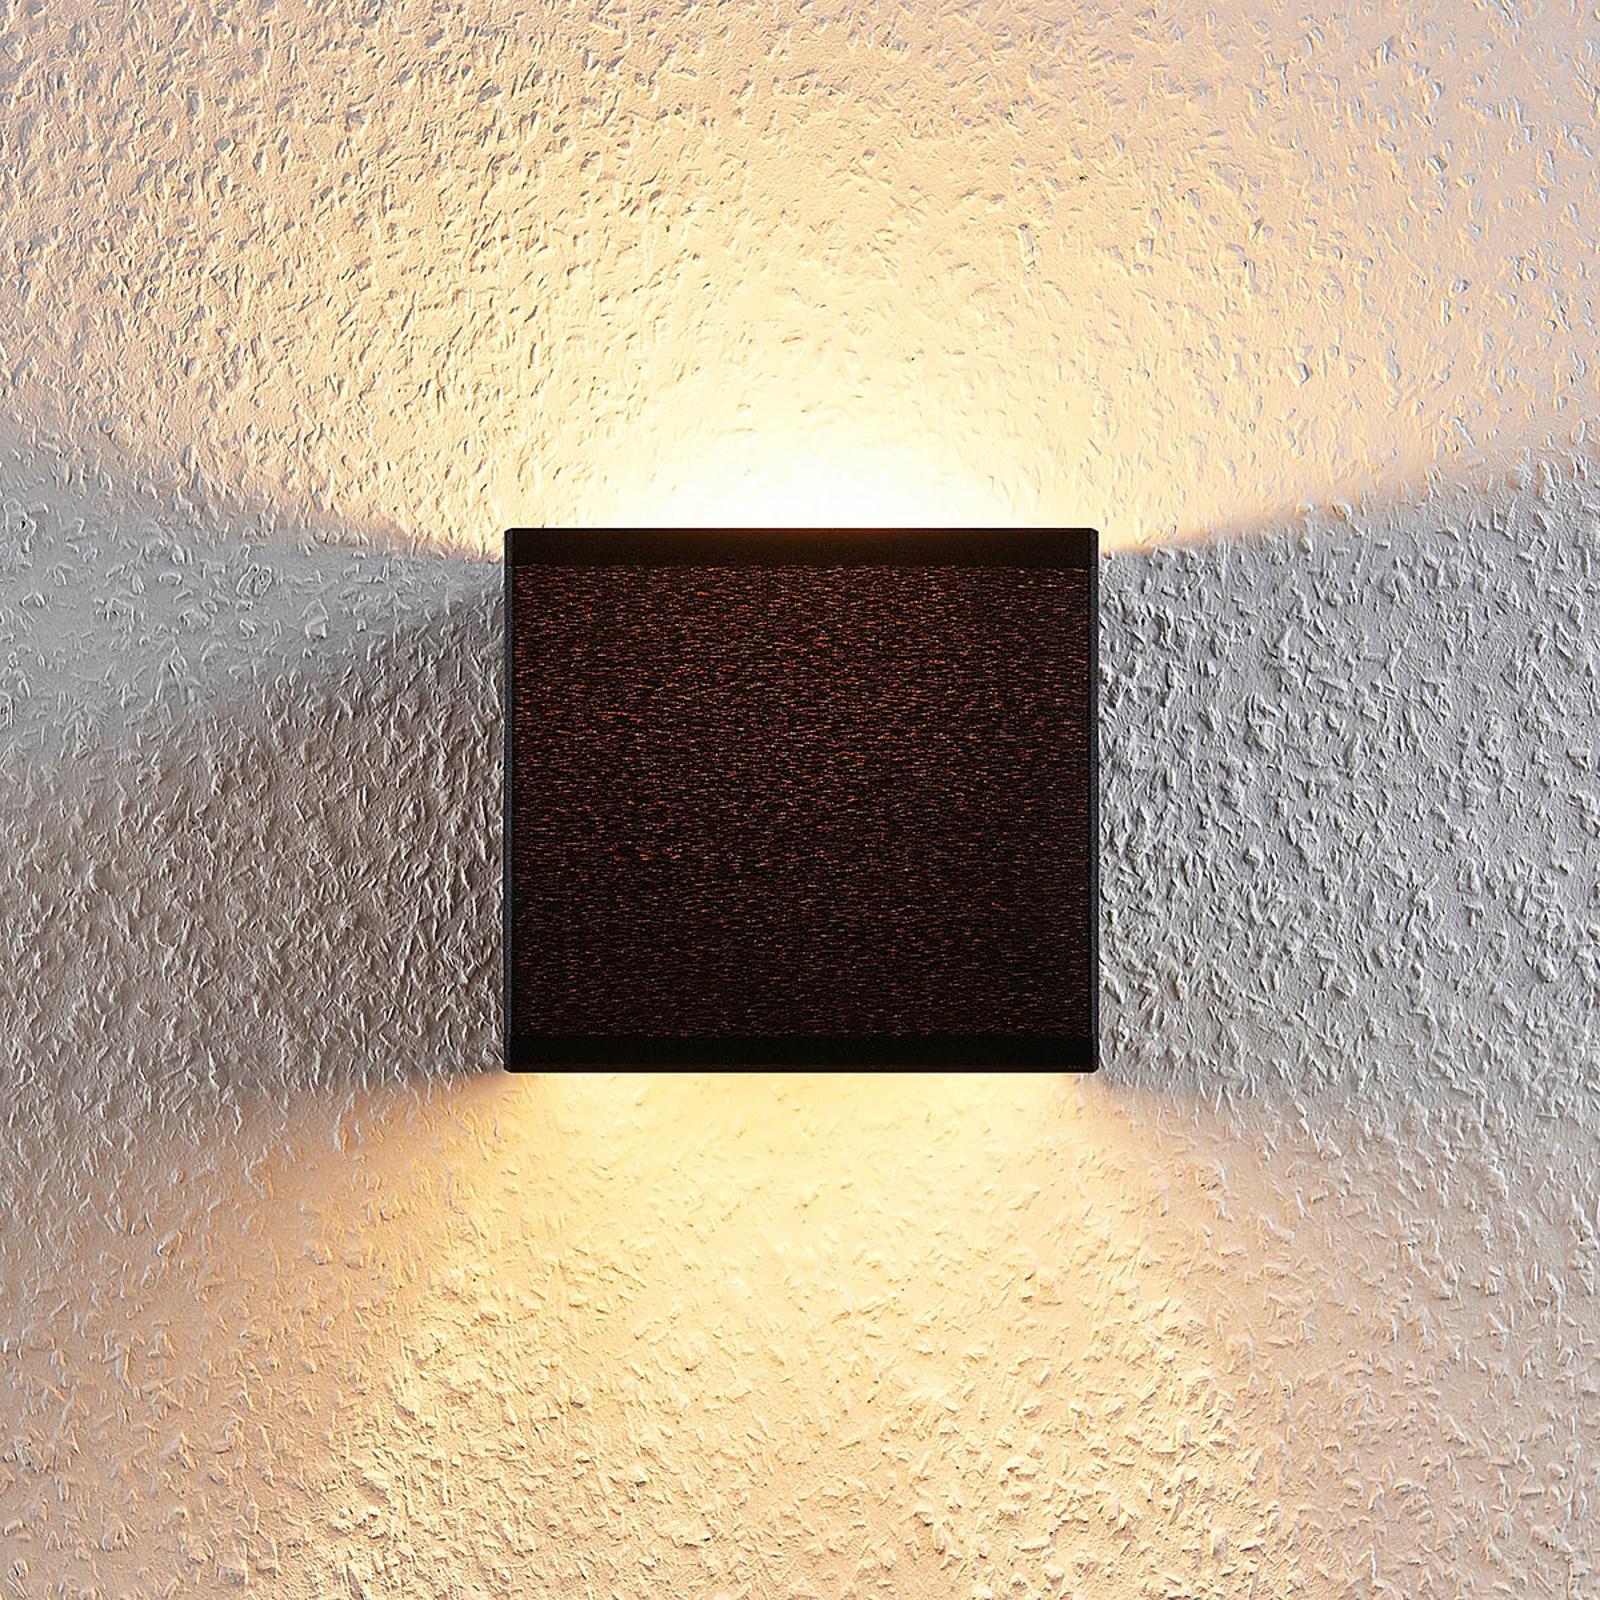 Stoffen wandlamp Adea met schakelaar, 13 cm, zwart